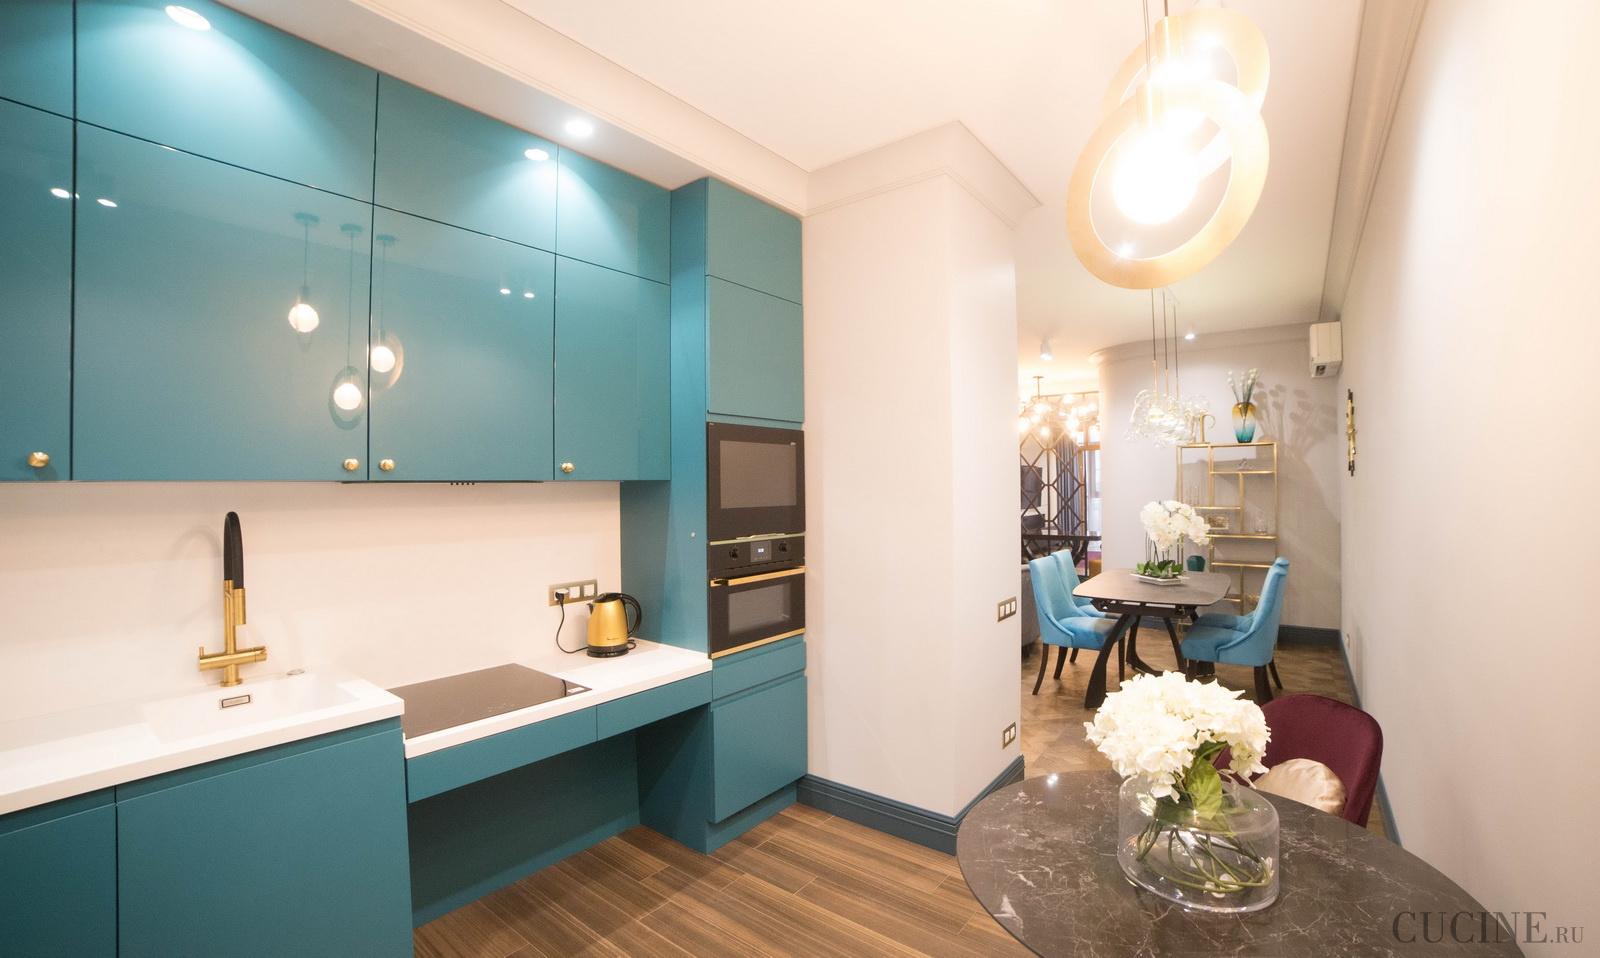 Глянцевые фасады для кухни (42 фото): инструкция по установке фасадных элементов МДФ своими руками, цена, видео, фото